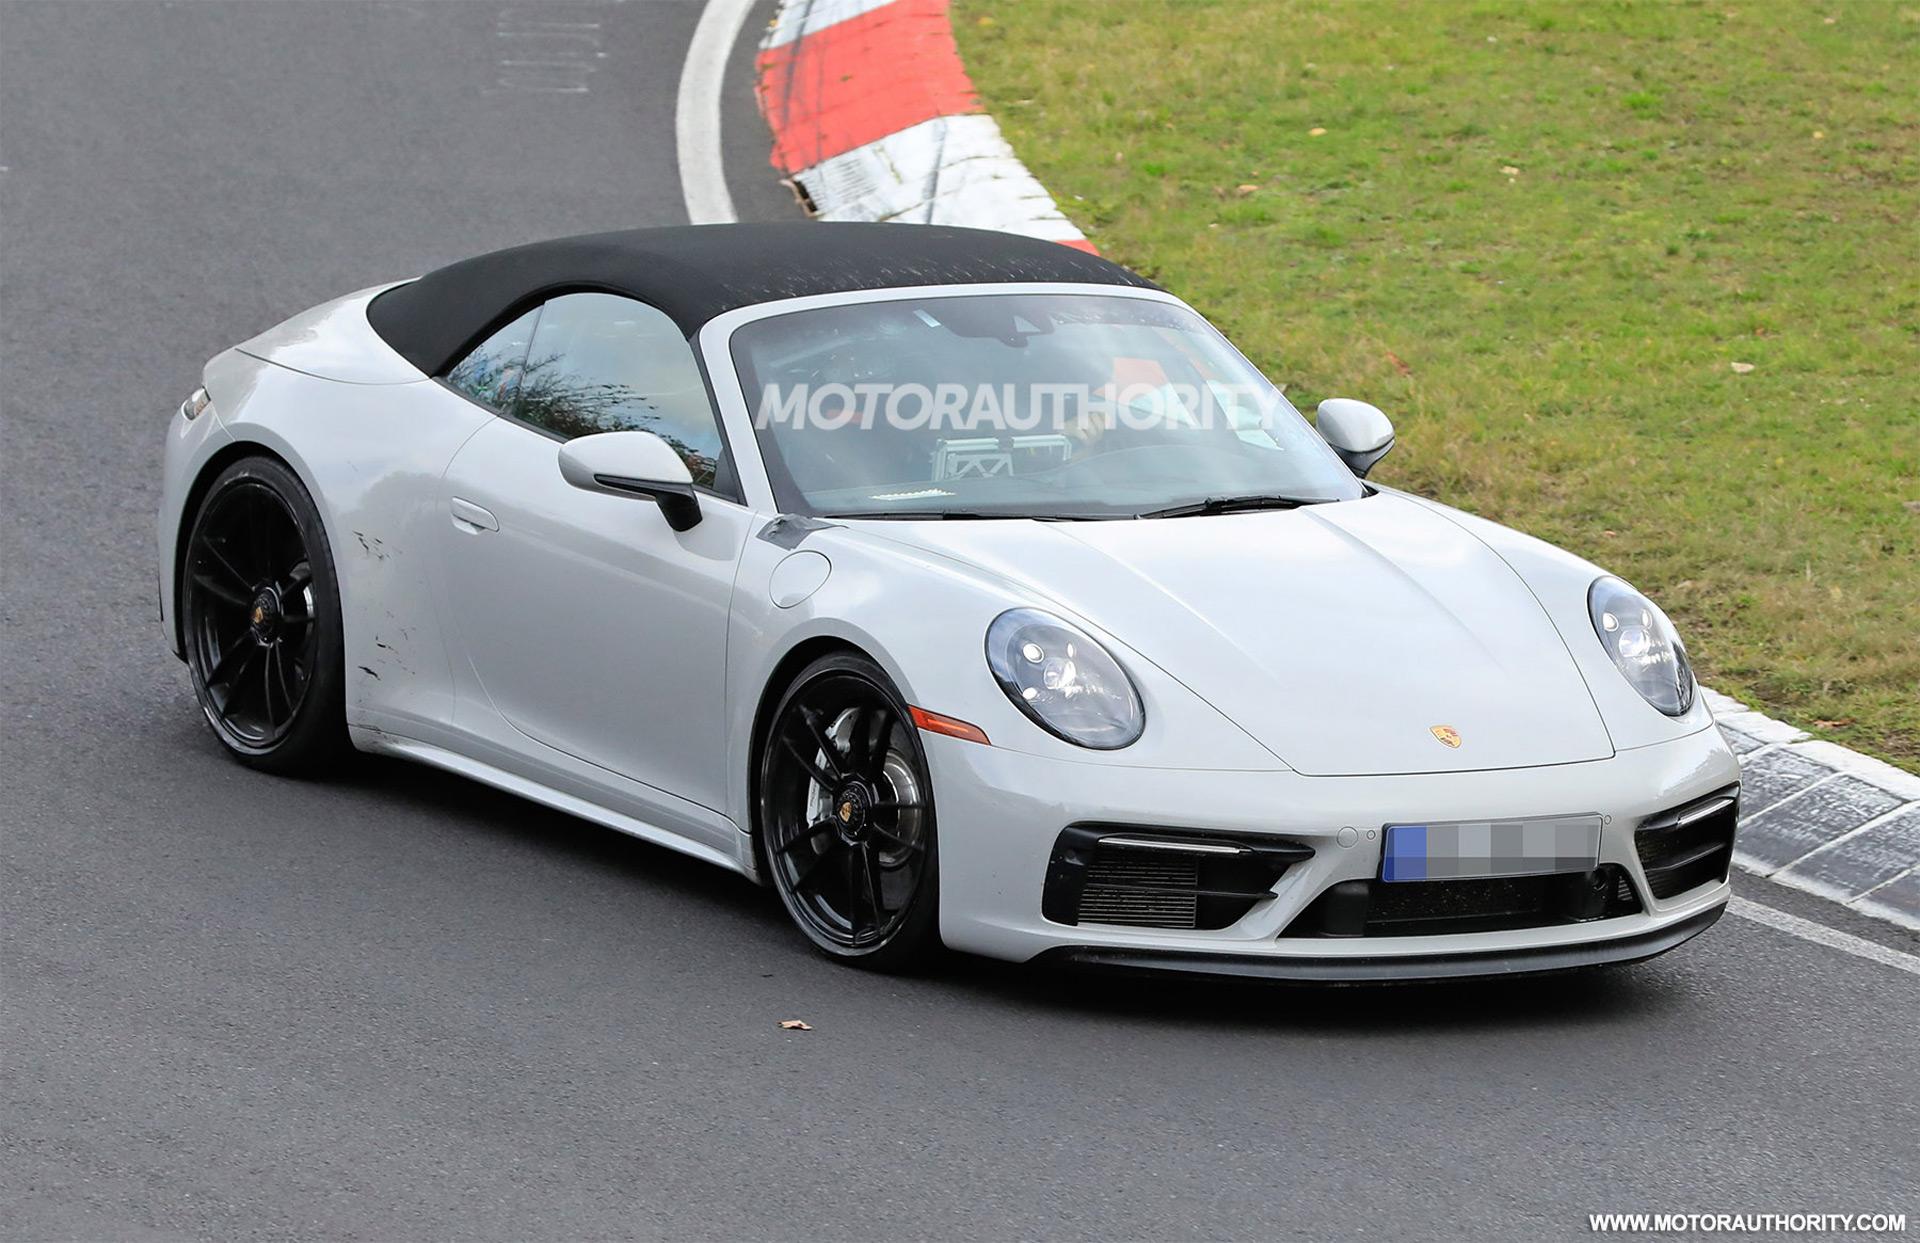 2018 - [Porsche] 911 - Page 20 2021-porsche-911-carrera-gts-cabriolet-spy-shots--photo-credit-s-baldauf-sb-medien_100721197_h